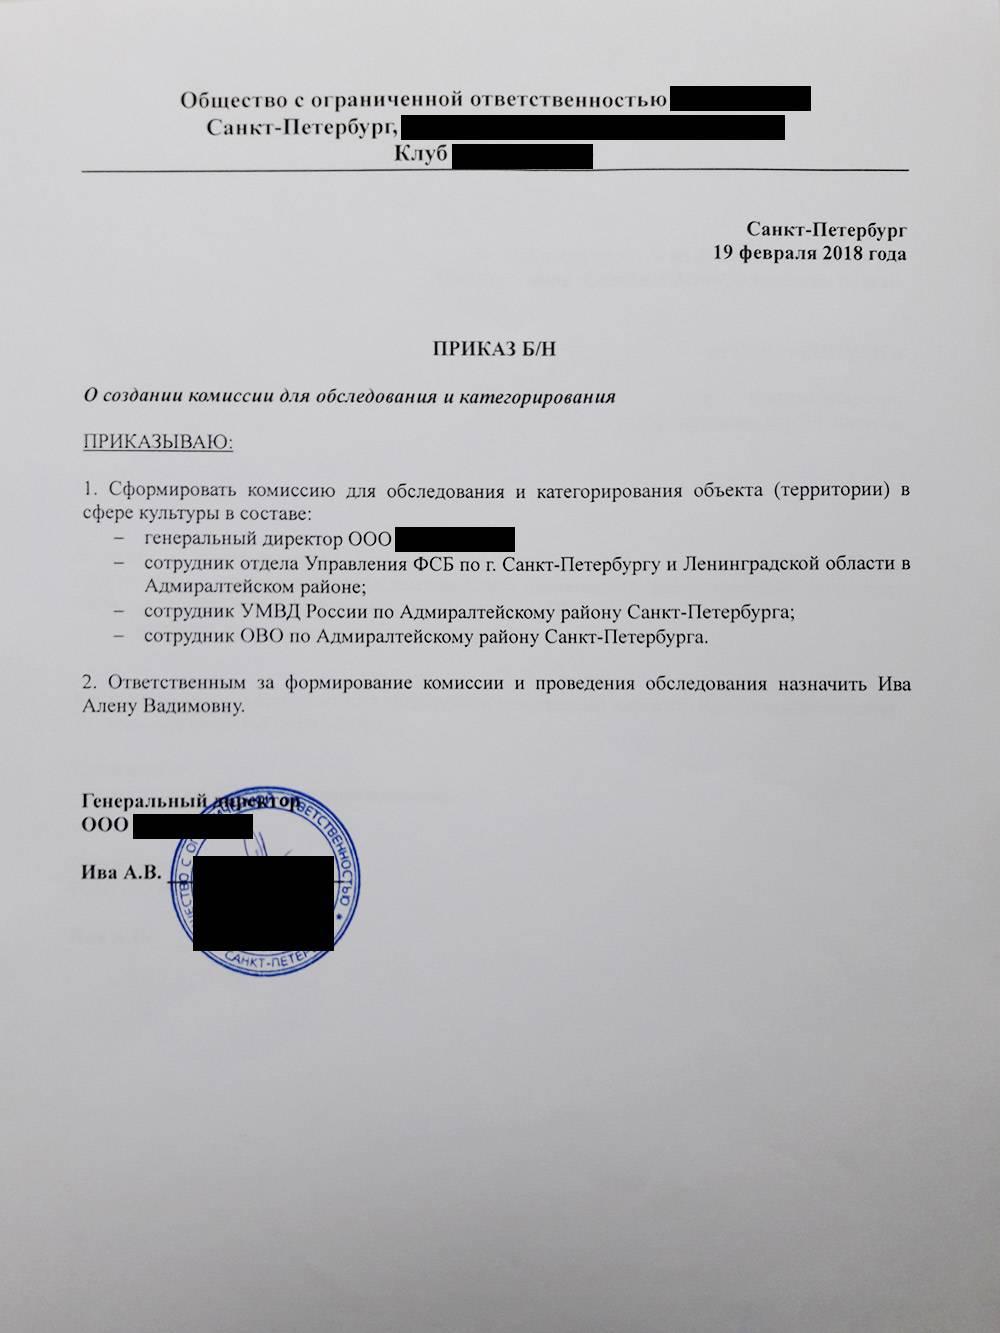 Мой приказ о формировании комиссии